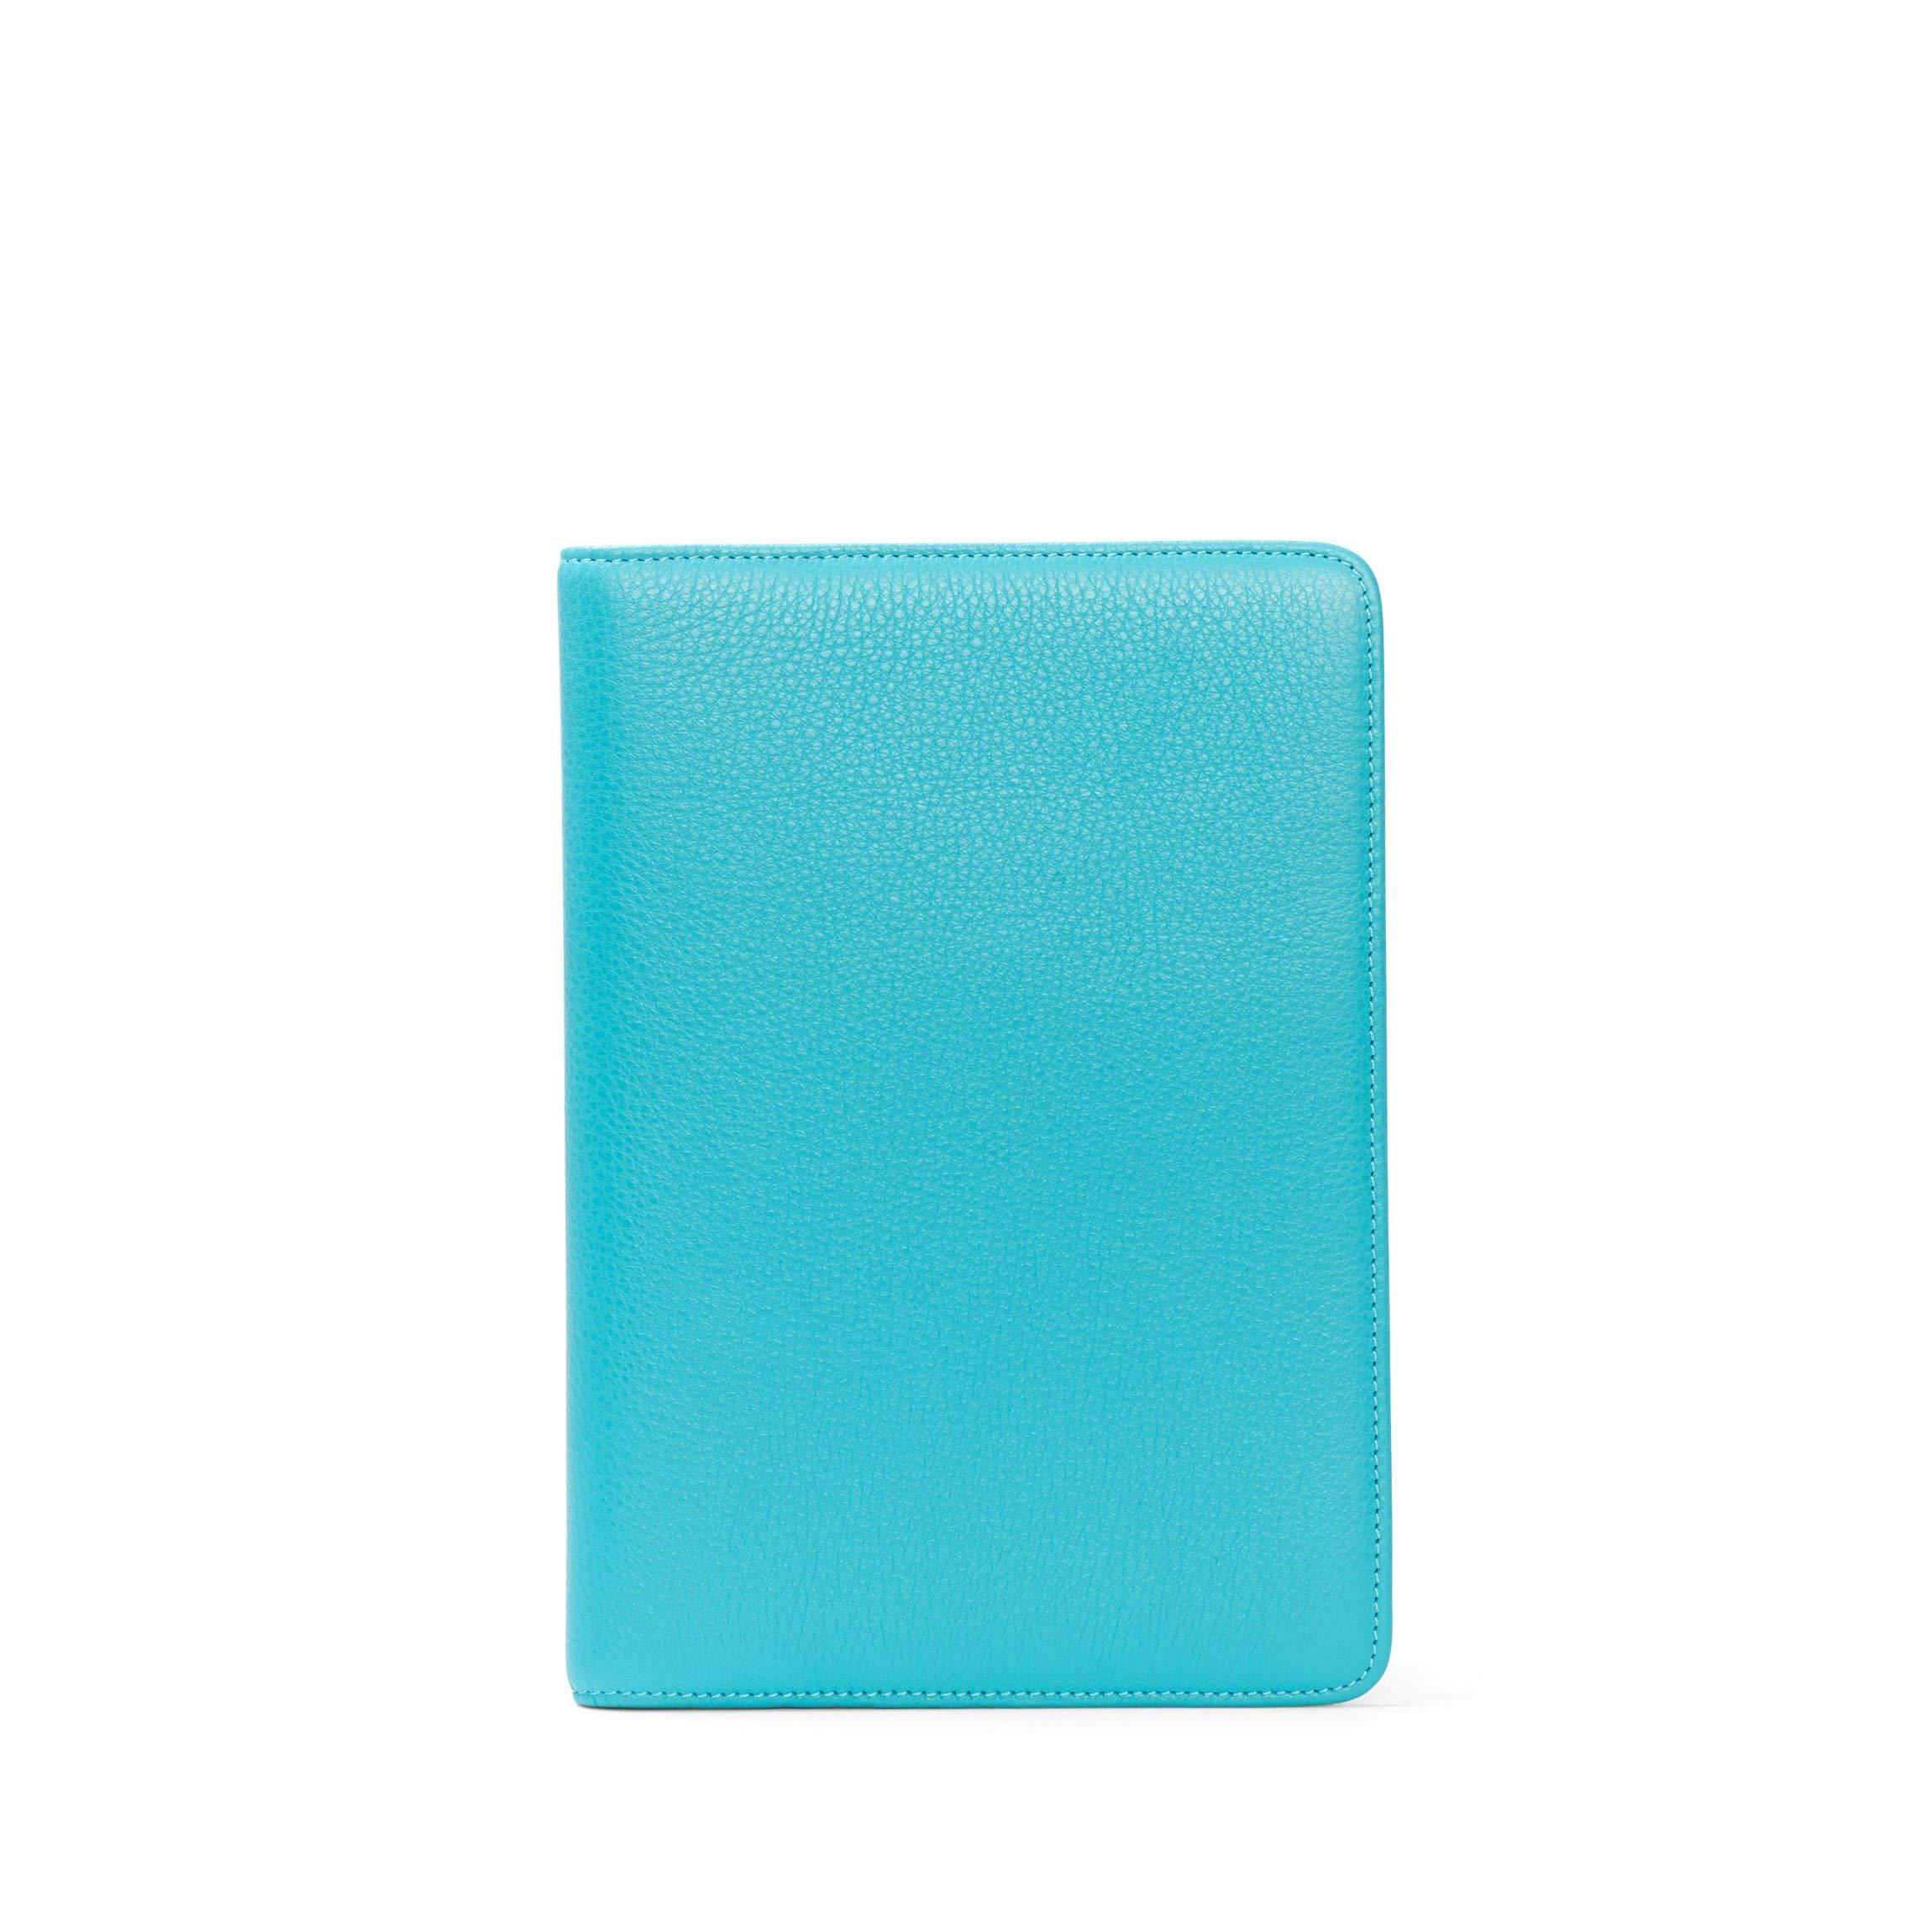 Medium Journal - Full Grain Leather - Teal (blue)